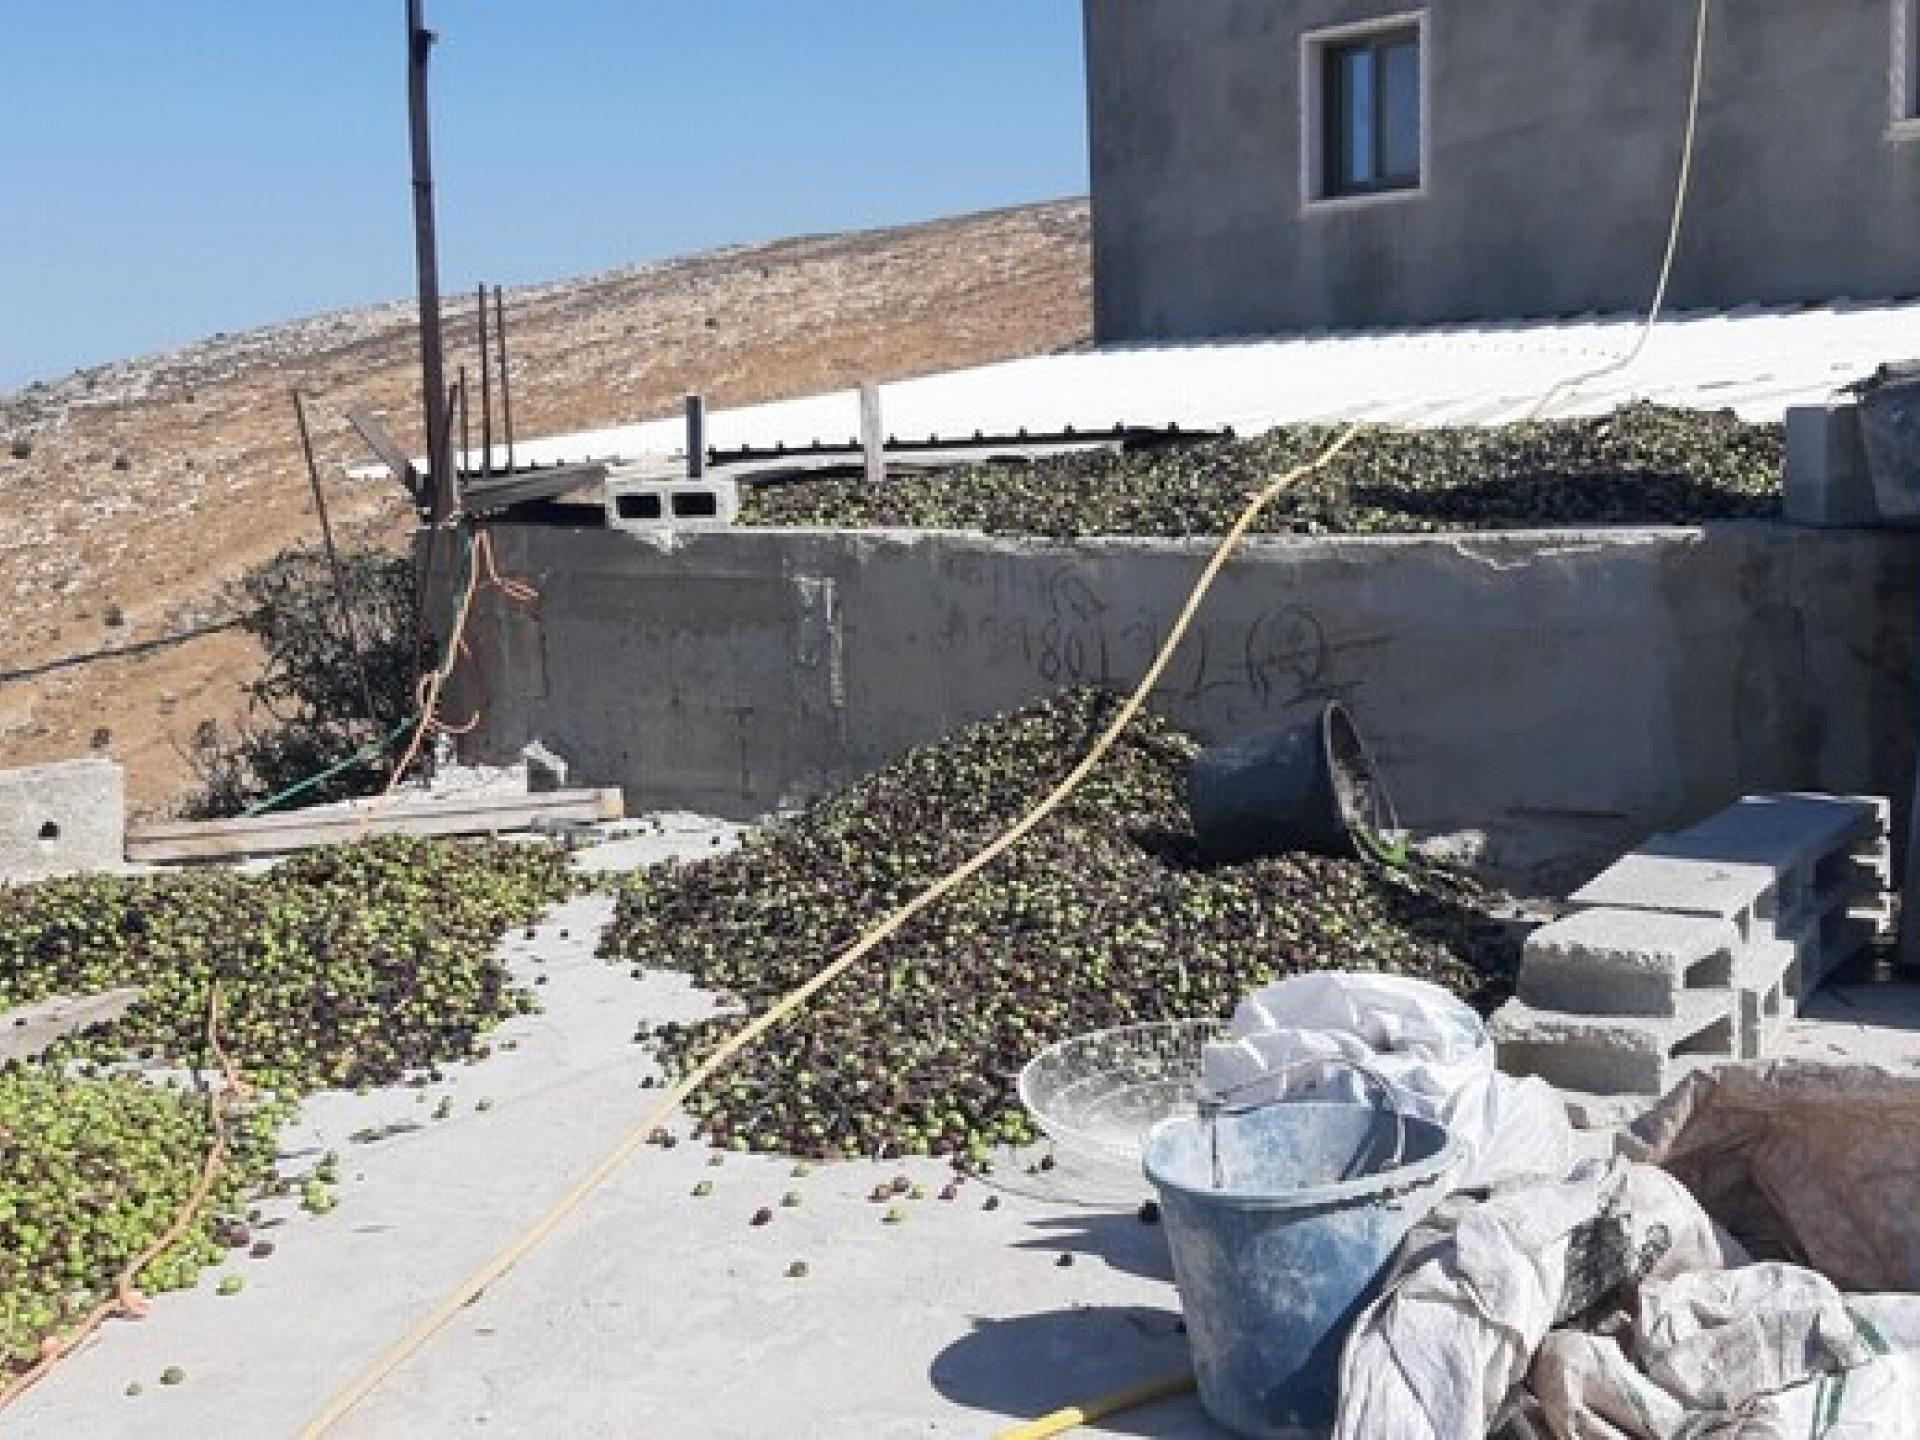 על גג משפחת ג'אדאללה מייבשים את הזיתים לפני שמביאים אותם לבית הבד